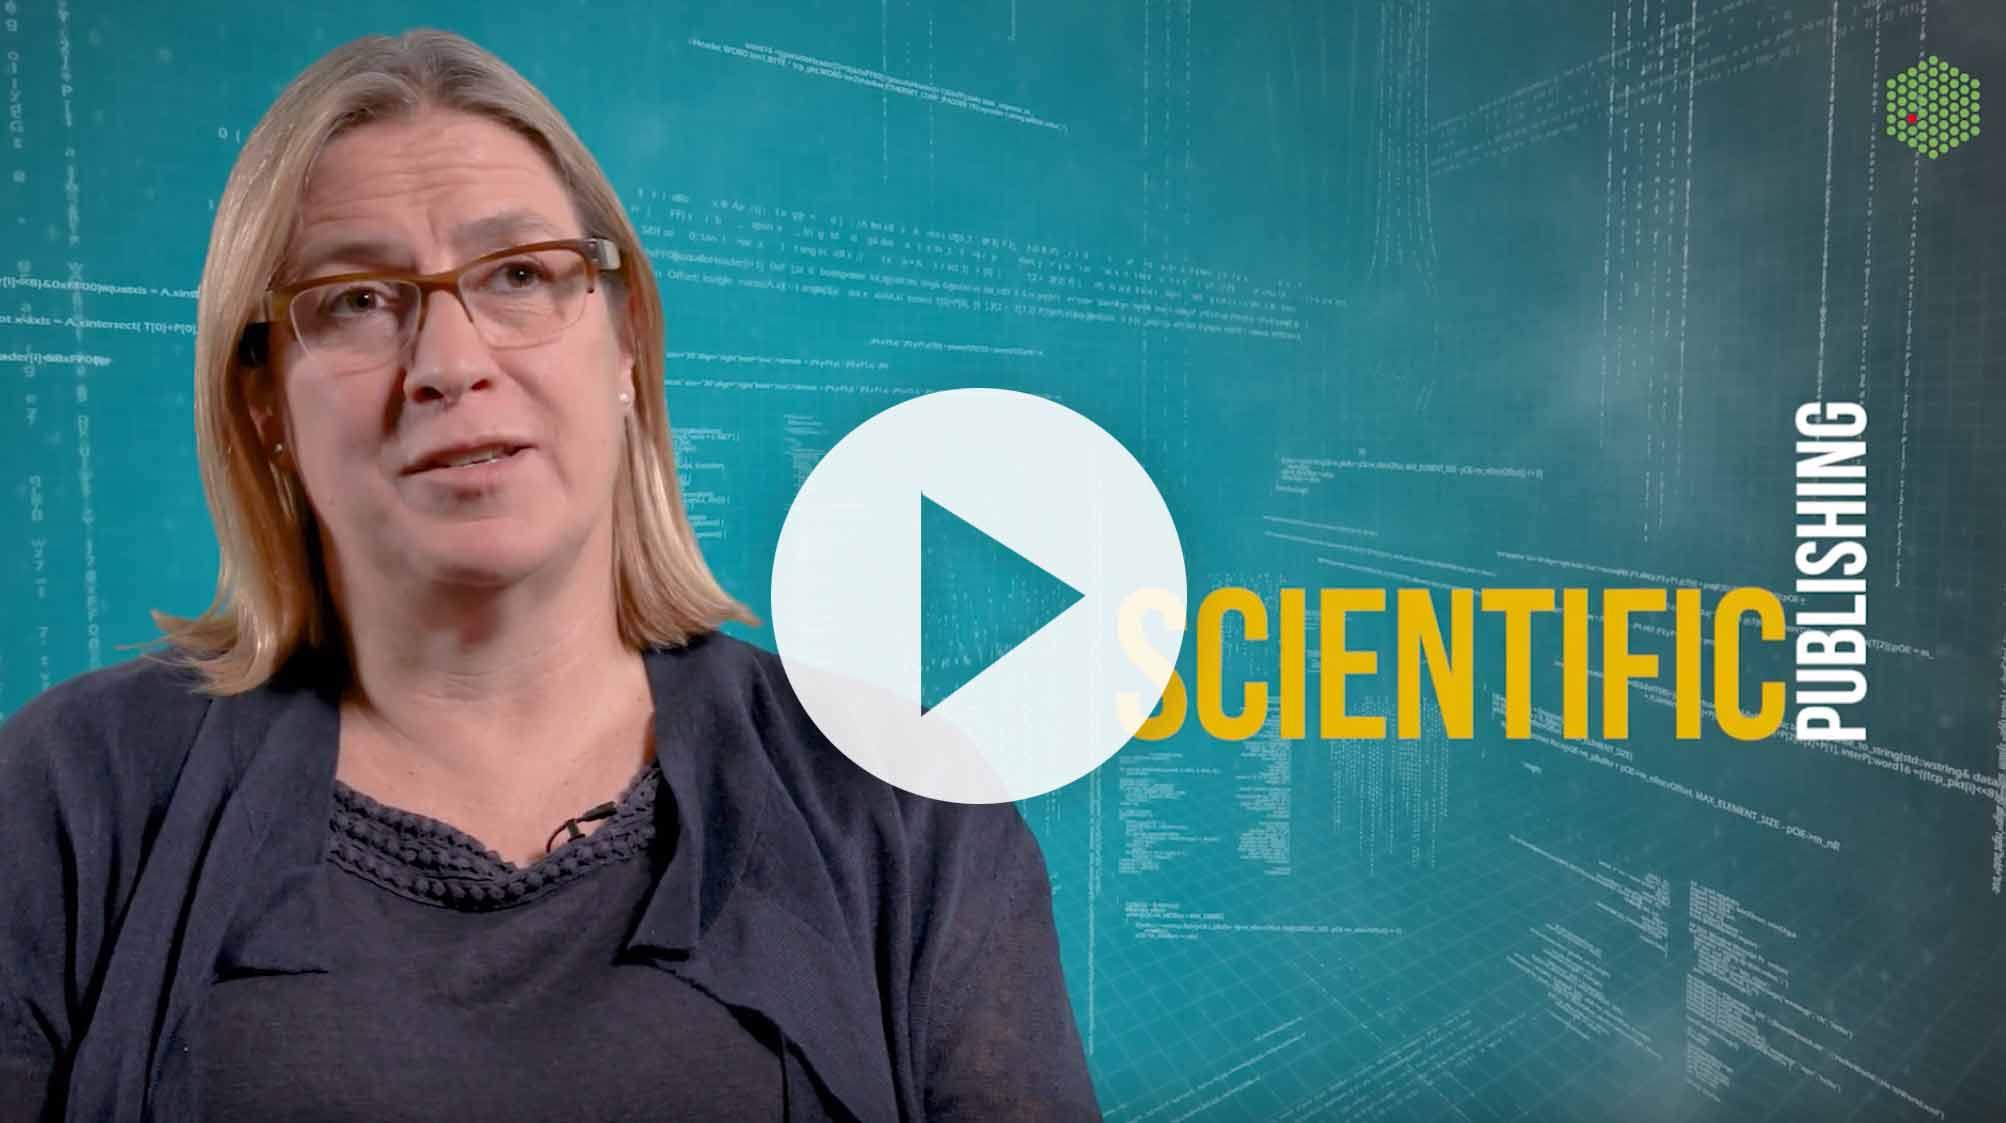 In Focus: Scientific publishing